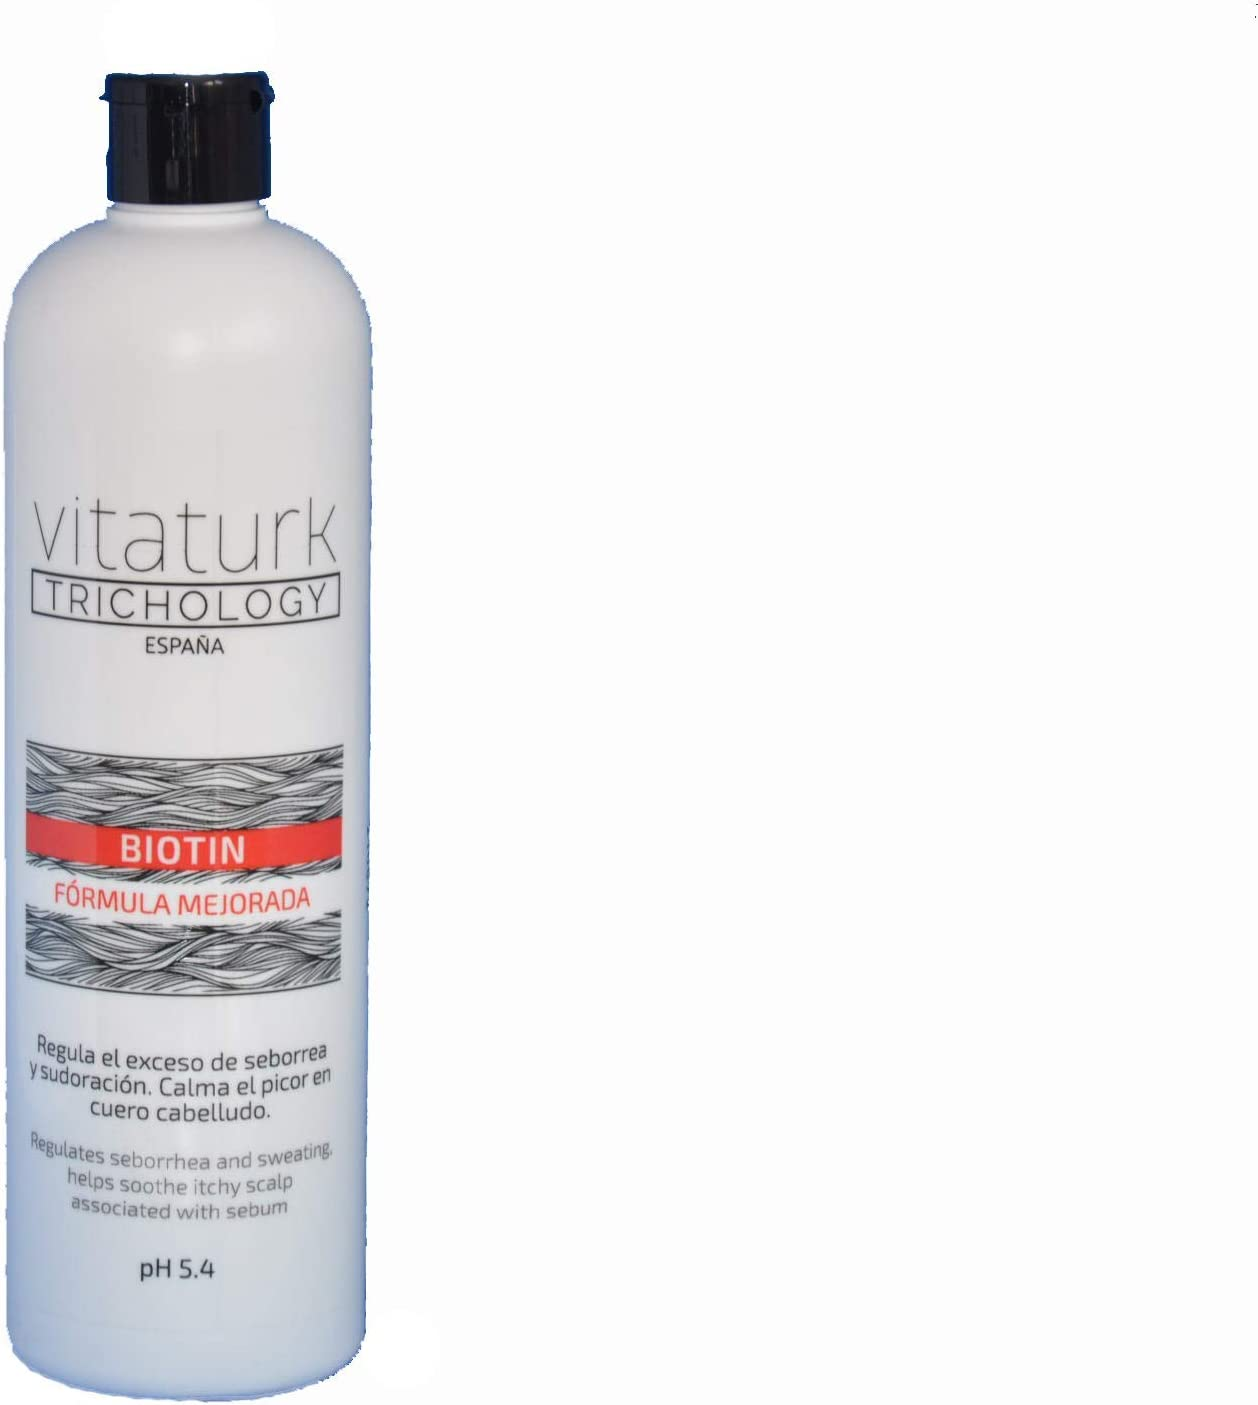 NUEVO CHAMPÚ BIOTIN VITATURK 500 ml. NUEVA FORMULA MEJORADA. Anticaída para cabellos finos, frágiles. Regenera y da volumen. Especialmente indicado para cabello graso | FABRICADO EN ESPAÑA |